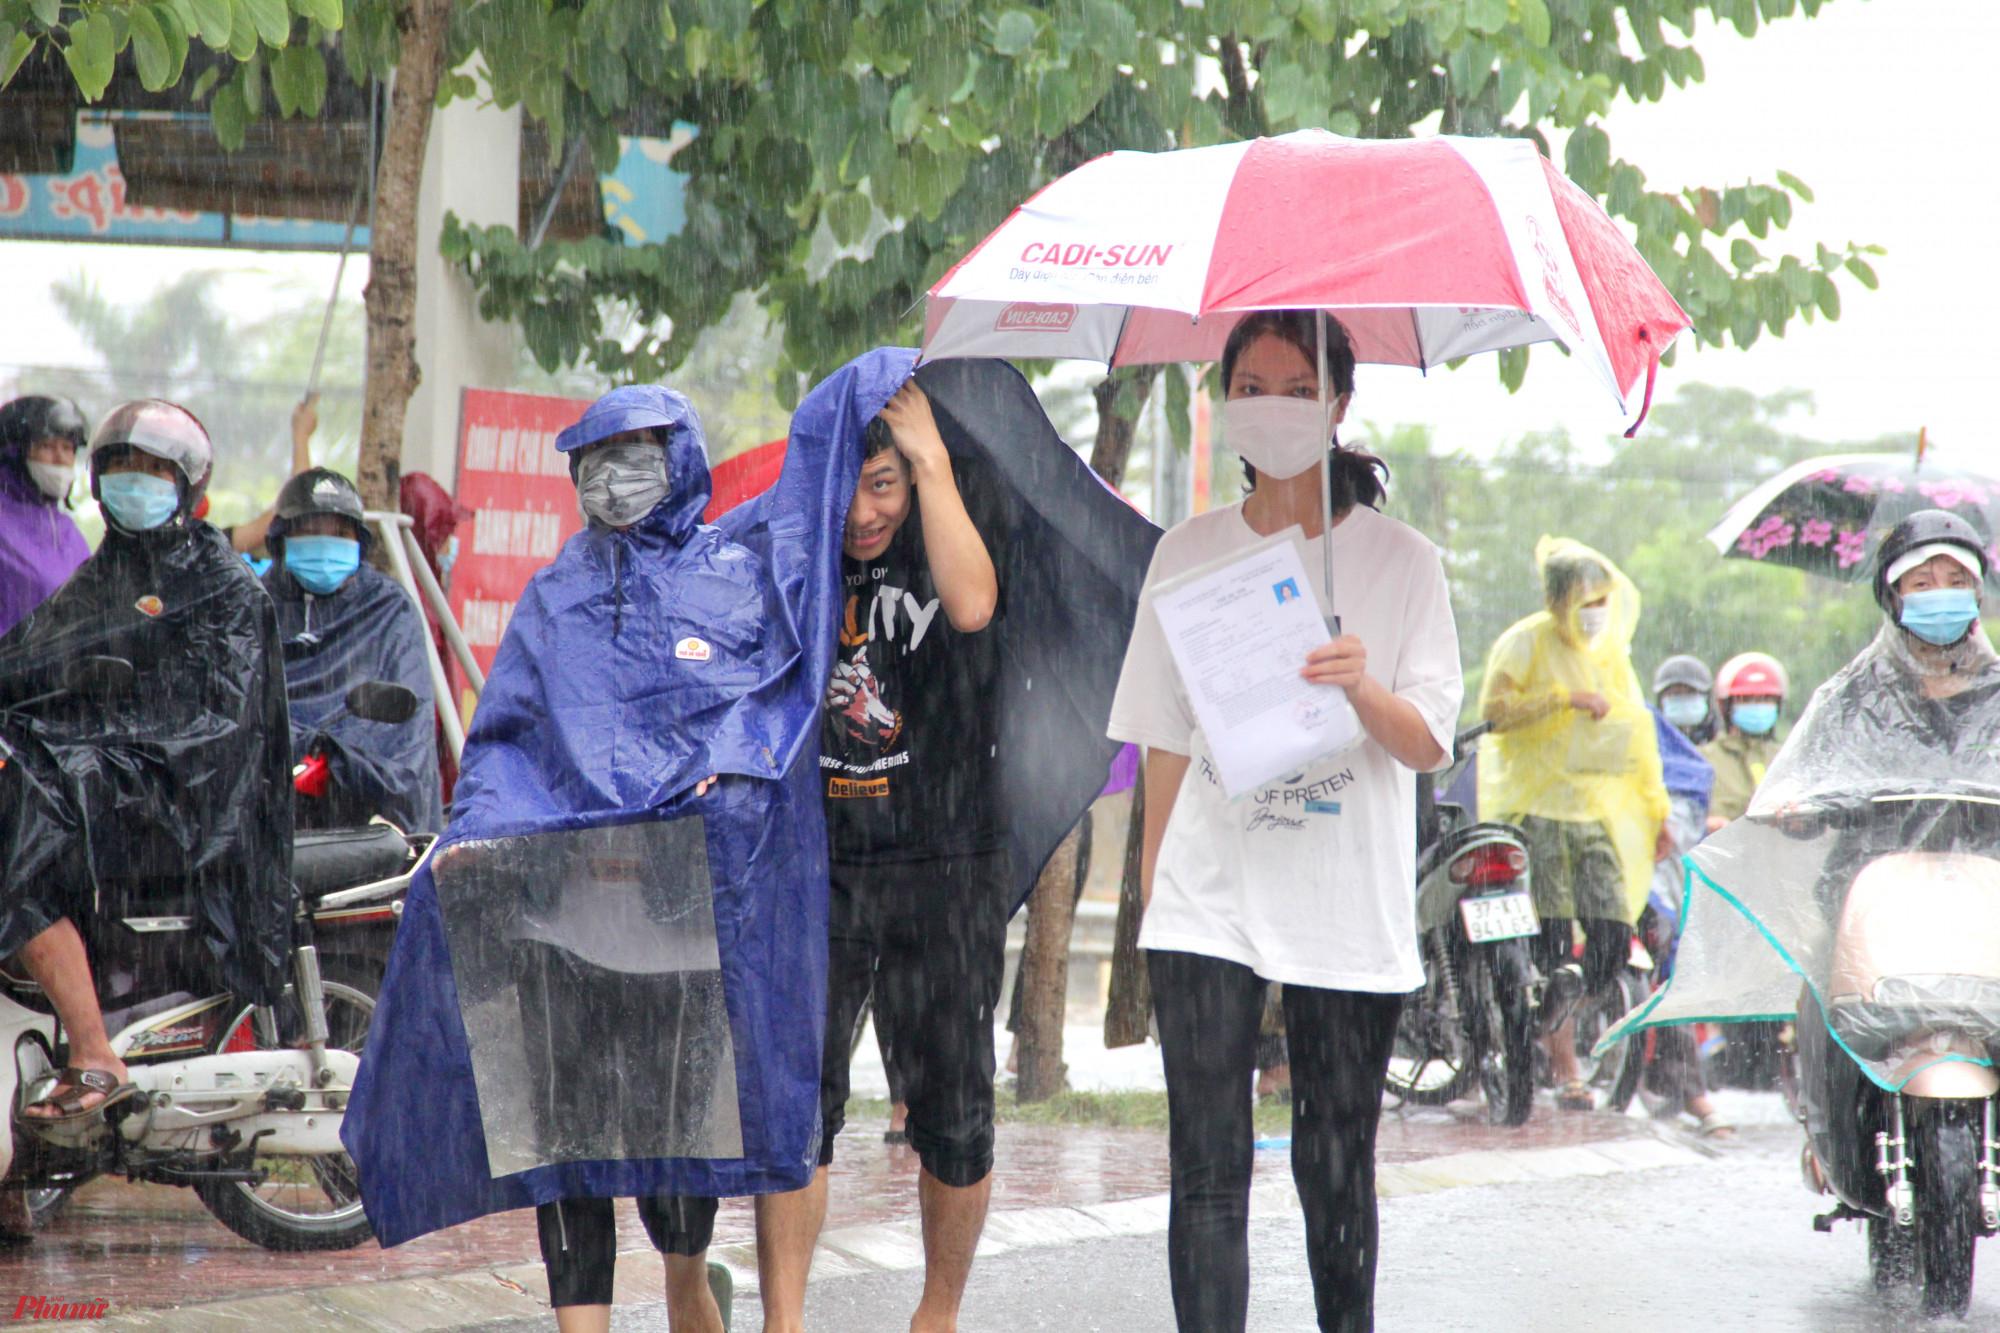 Cơn mưa lớn đầu buổi sáng khiến phụ huynh, thí sinh vất vả hơn trong việc di chuyển tới điểm thi